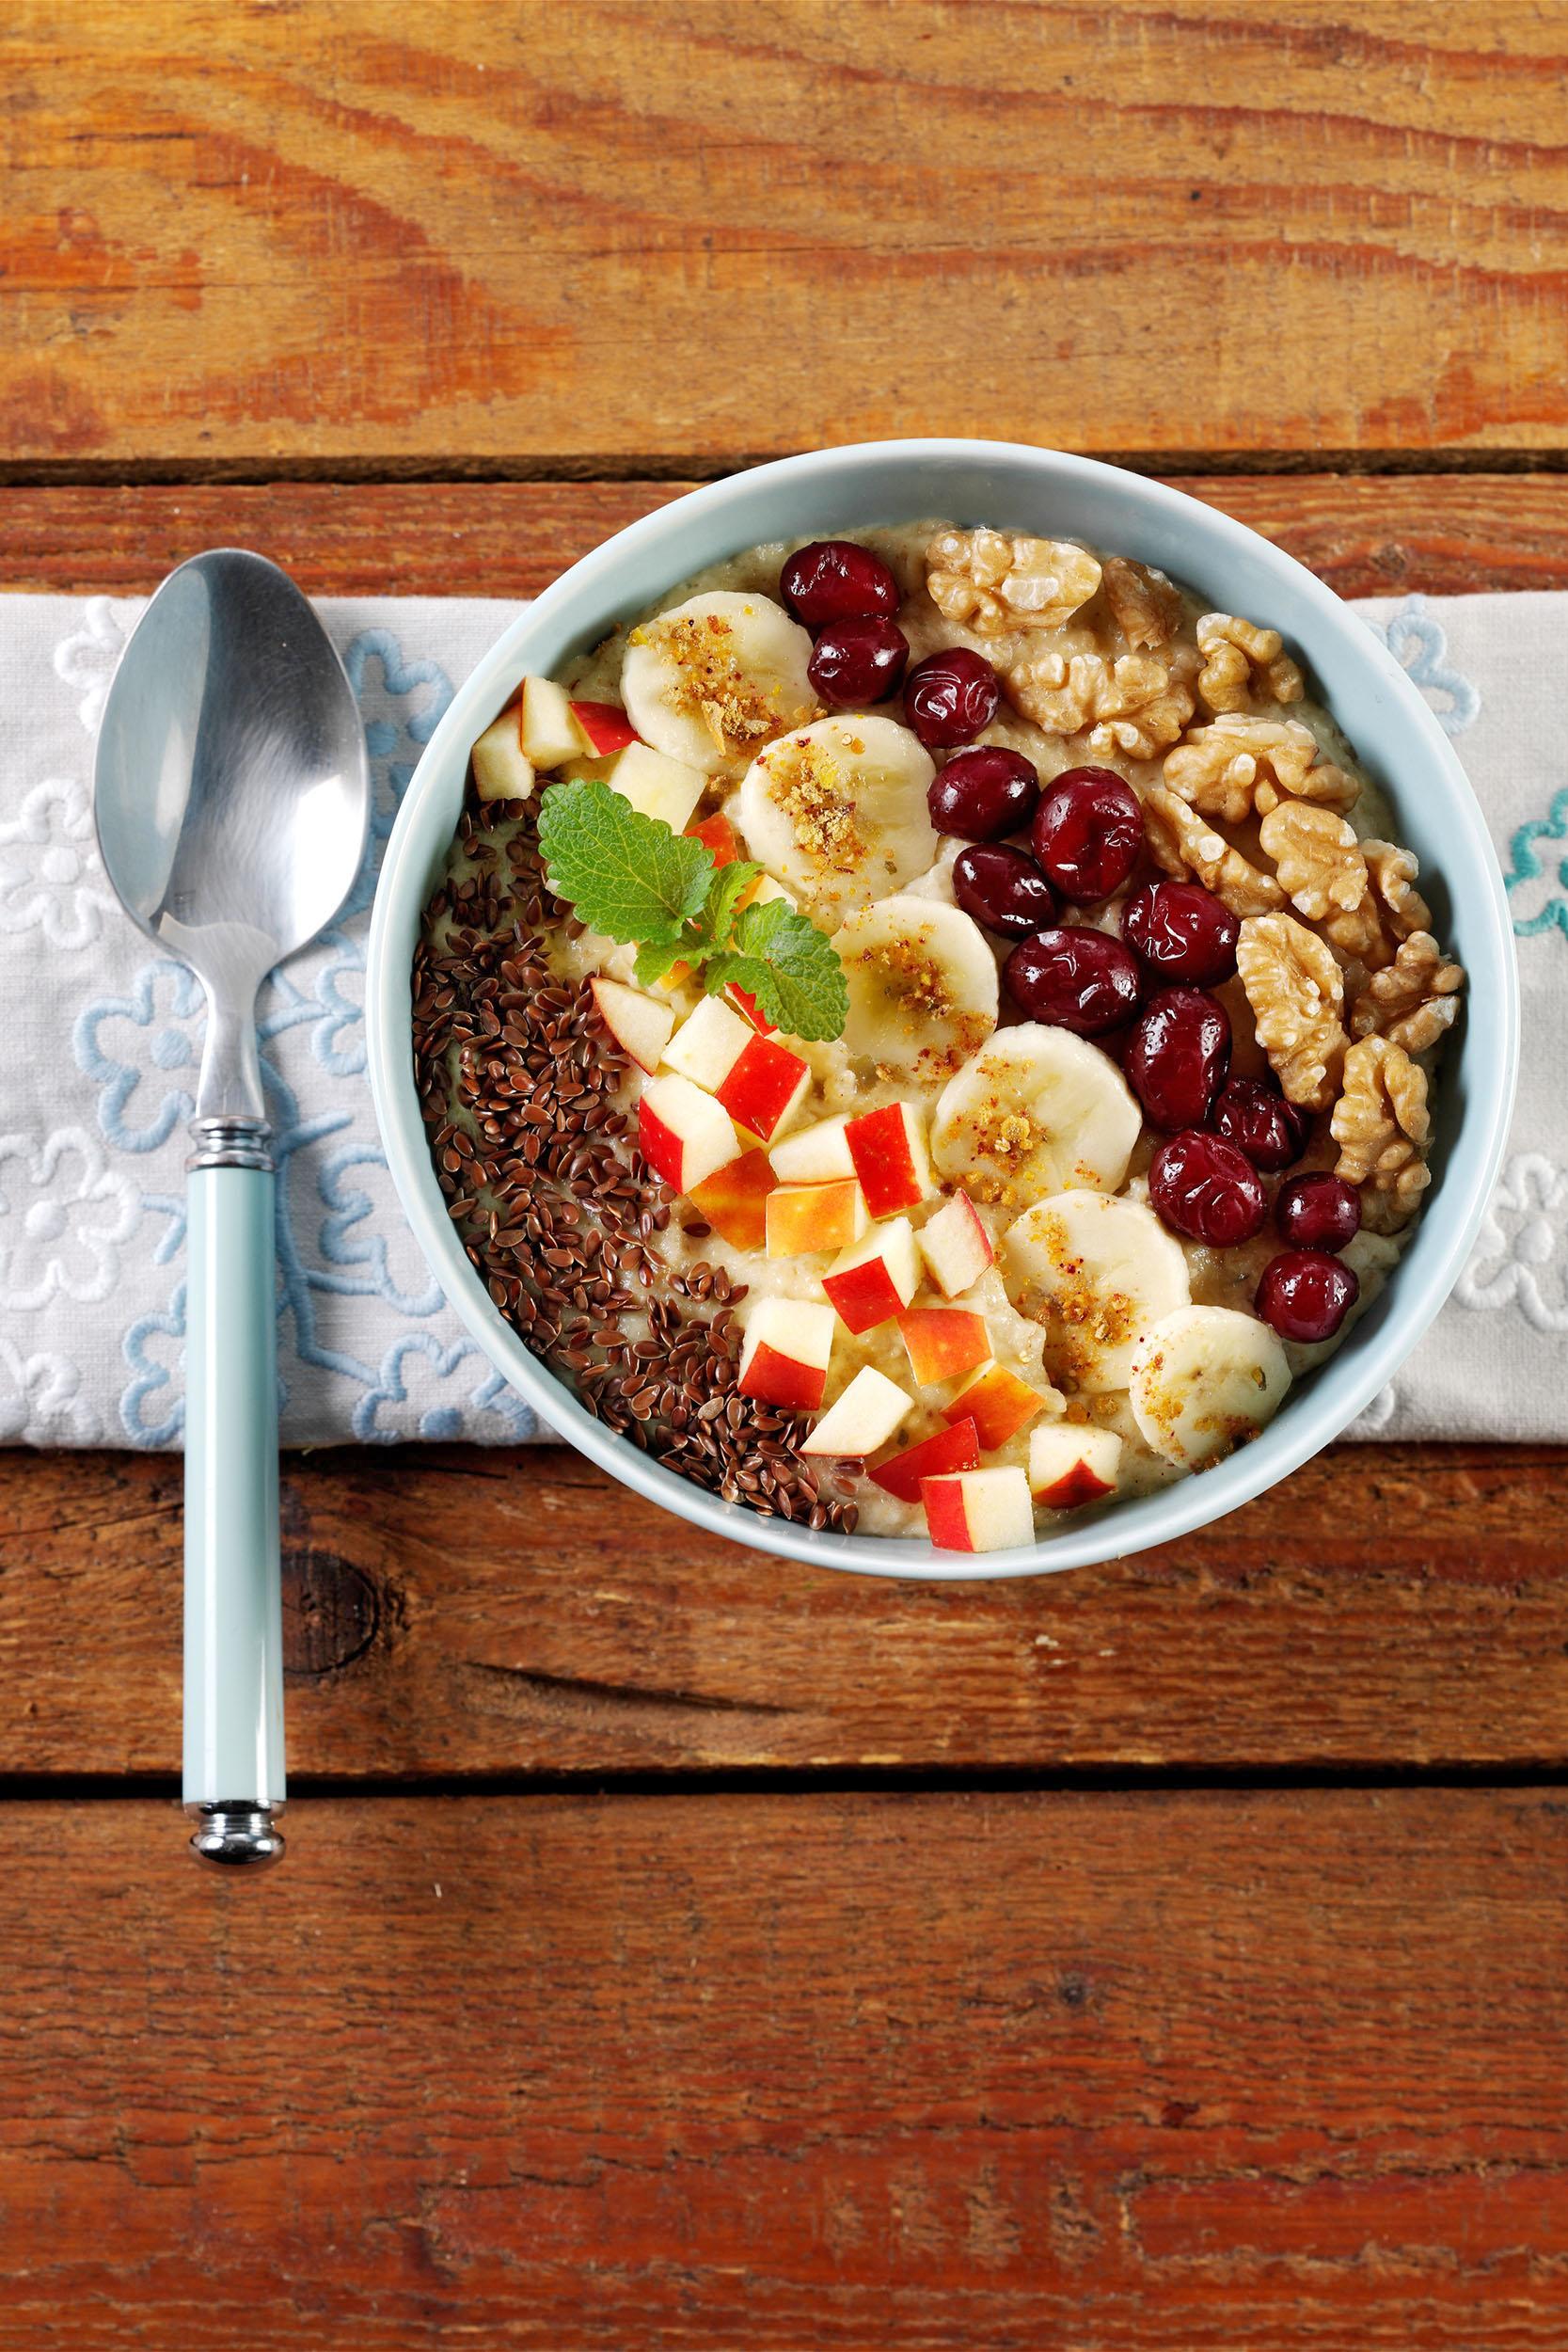 Gesundes Essen - Ein Klassiker für gute Vorsätze